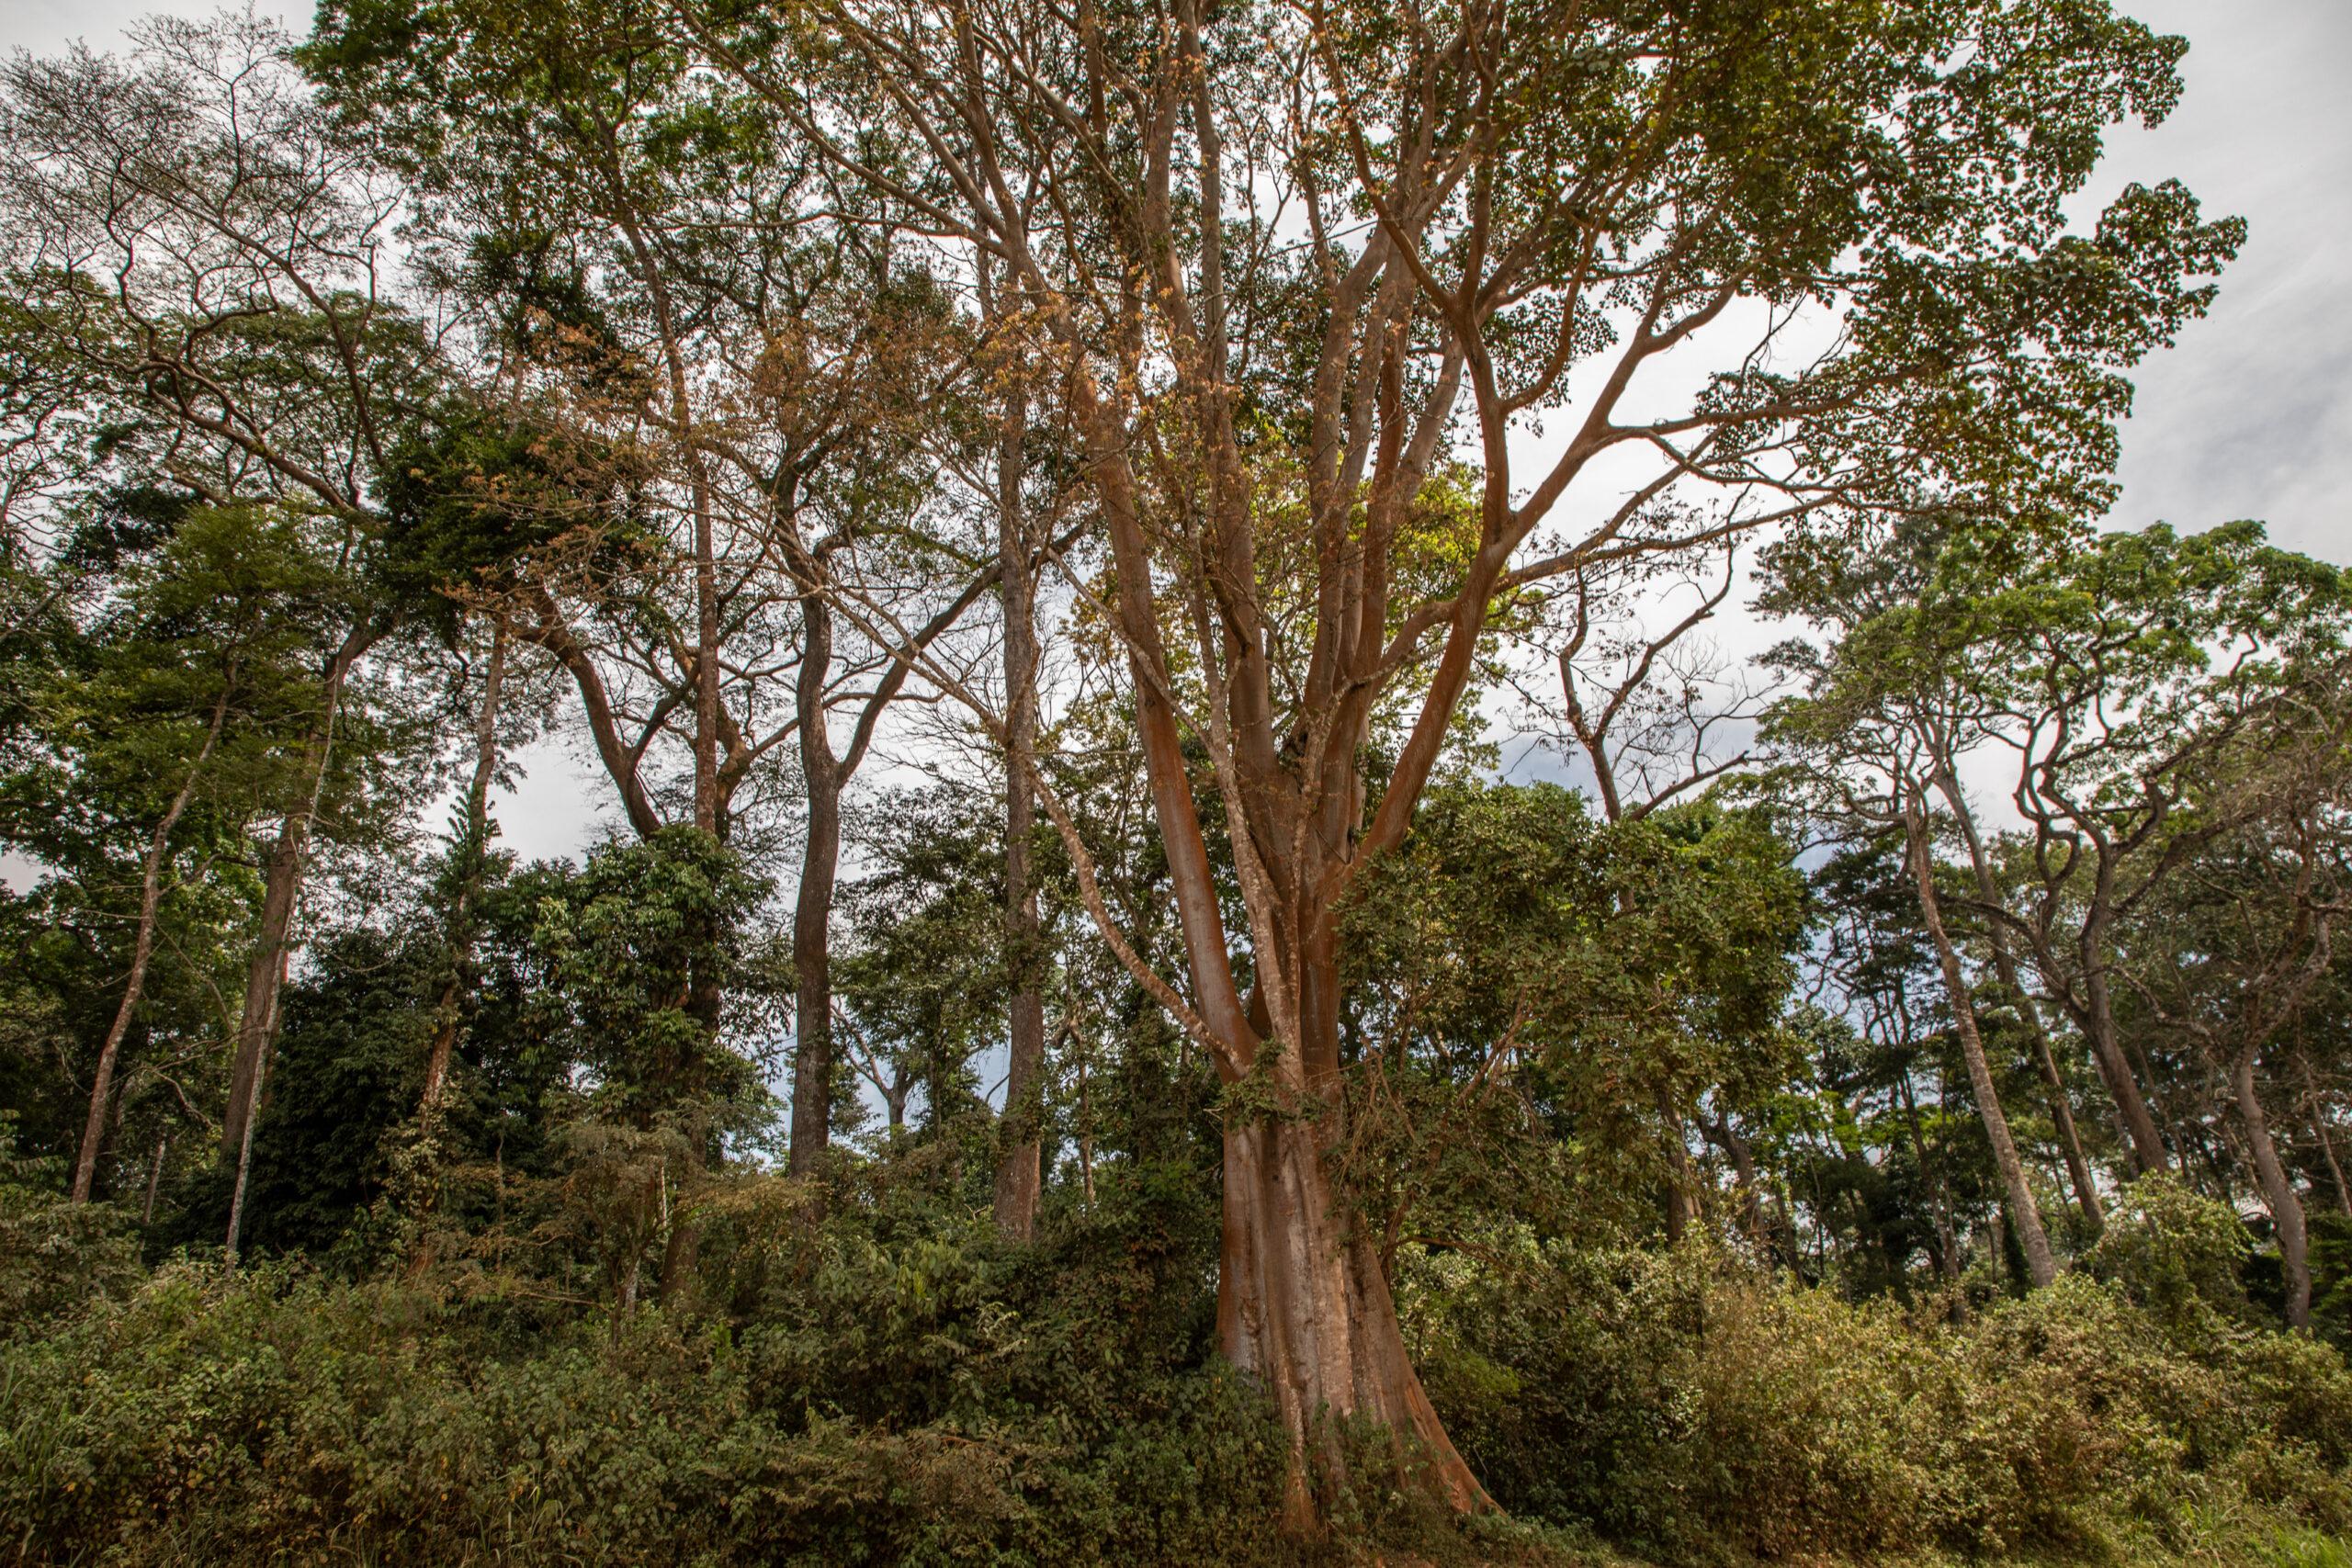 Grupa VELUX i WWF wspólnie rozpoczynają historyczny projekt regeneracji lasów